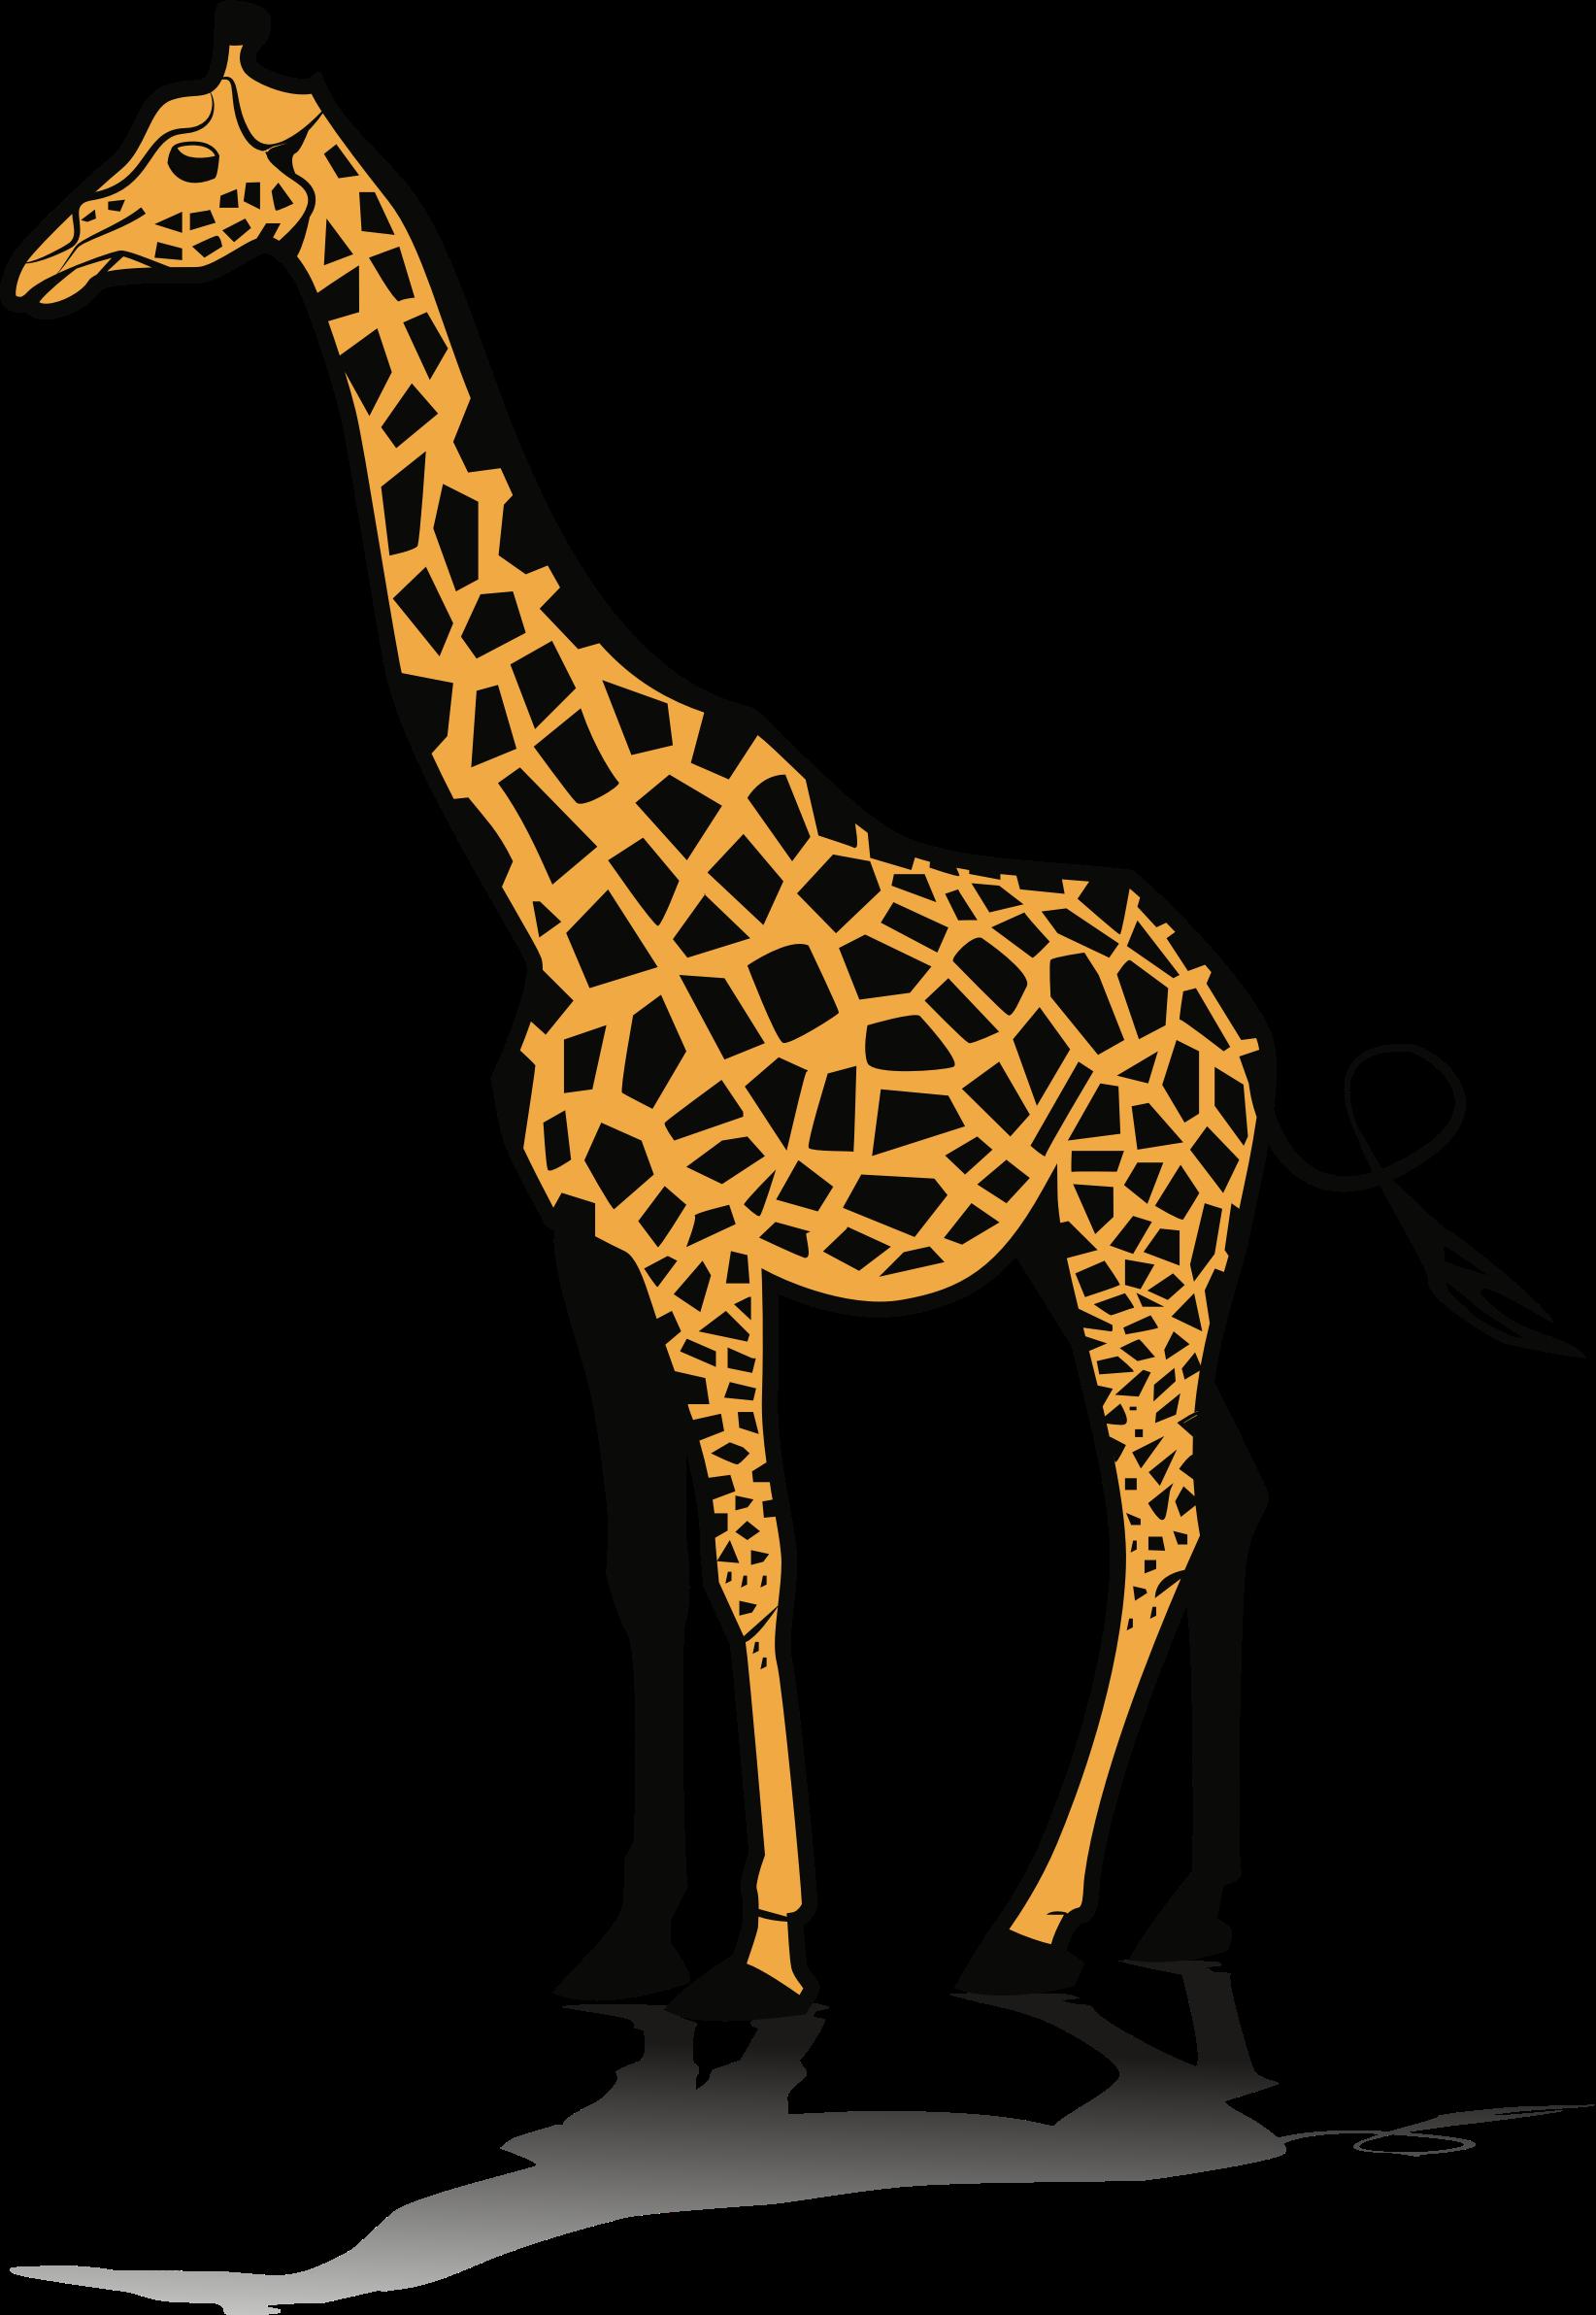 clipart giraffe rh openclipart org clipart images of giraffe png clipart girafe